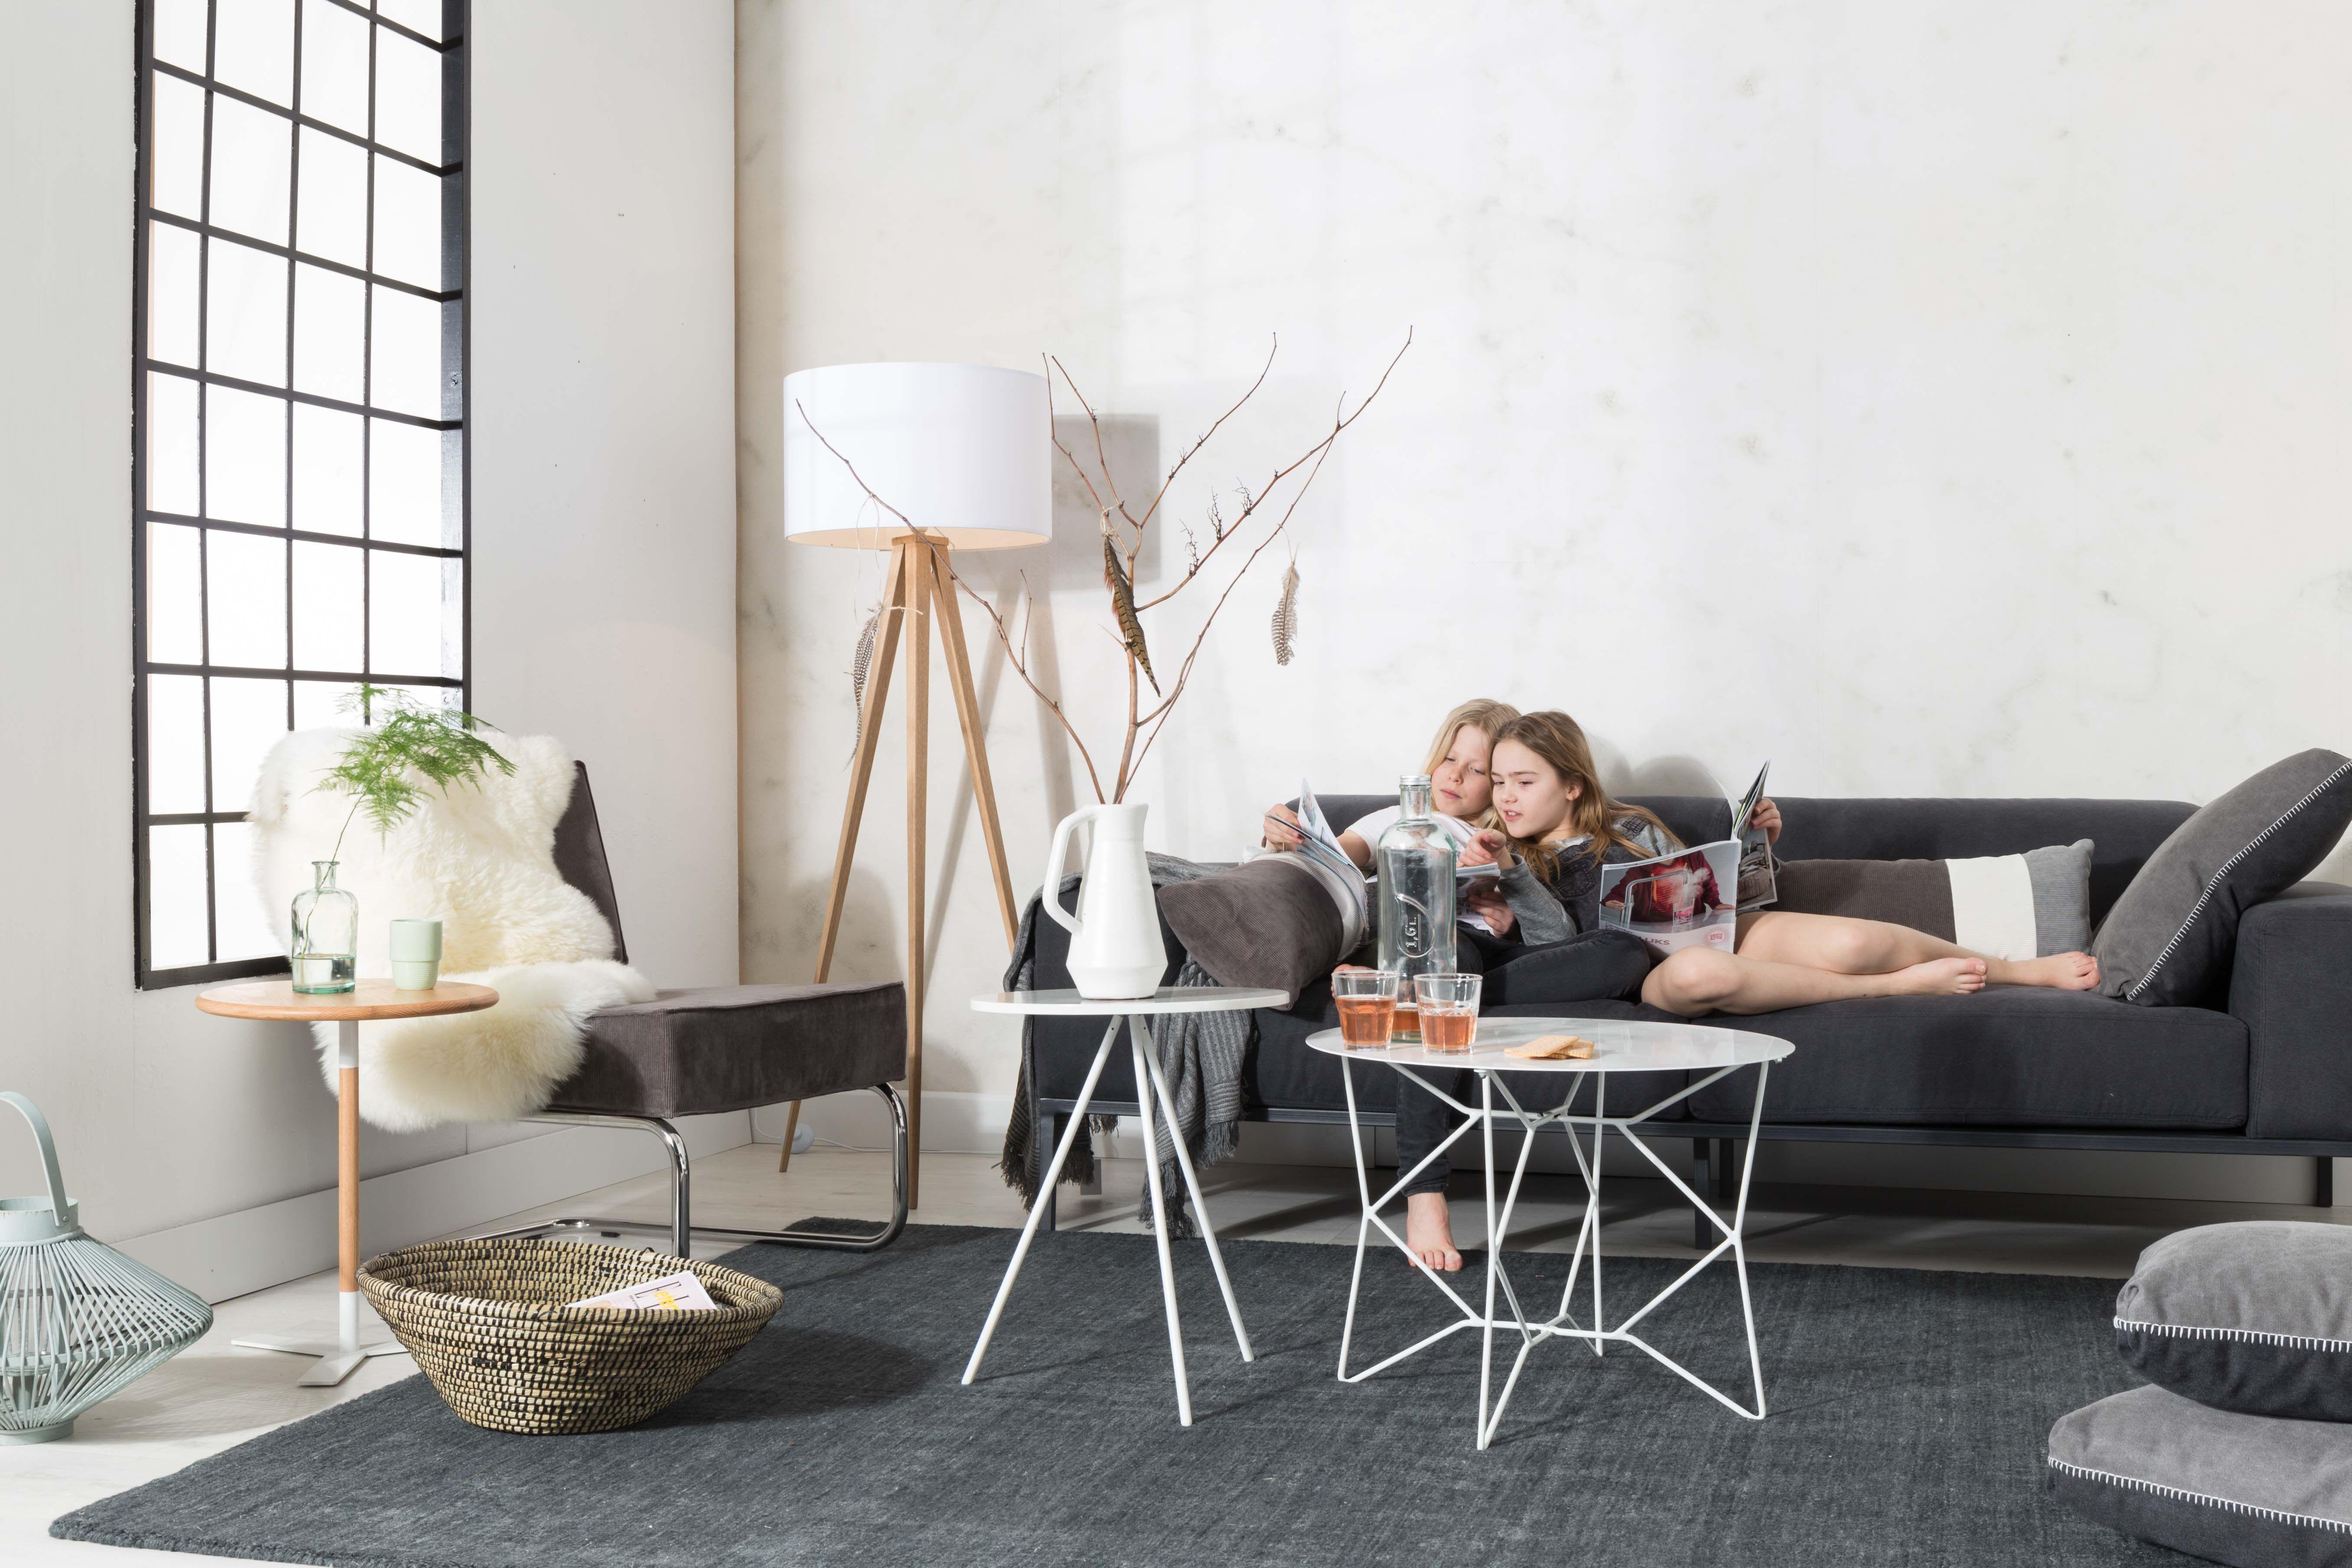 zuiver tripod wood gulvlampe hvid gratis fragt. Black Bedroom Furniture Sets. Home Design Ideas